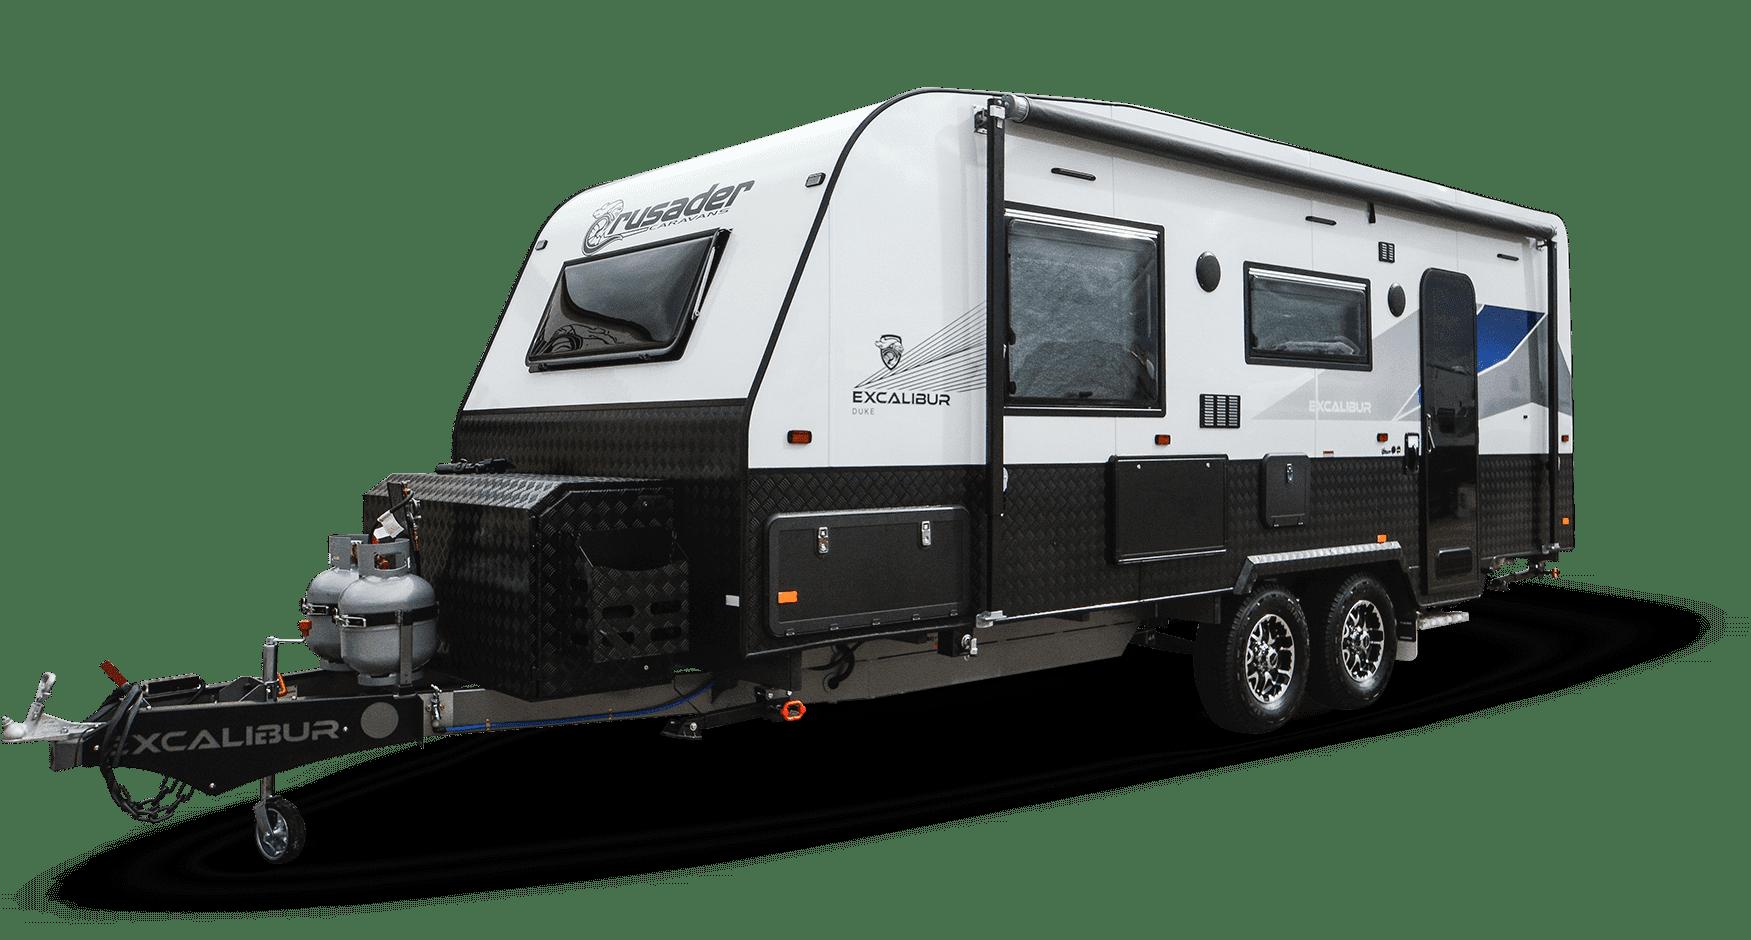 Crusader Caravans Excalibur Duke for sale at Lewis RV.